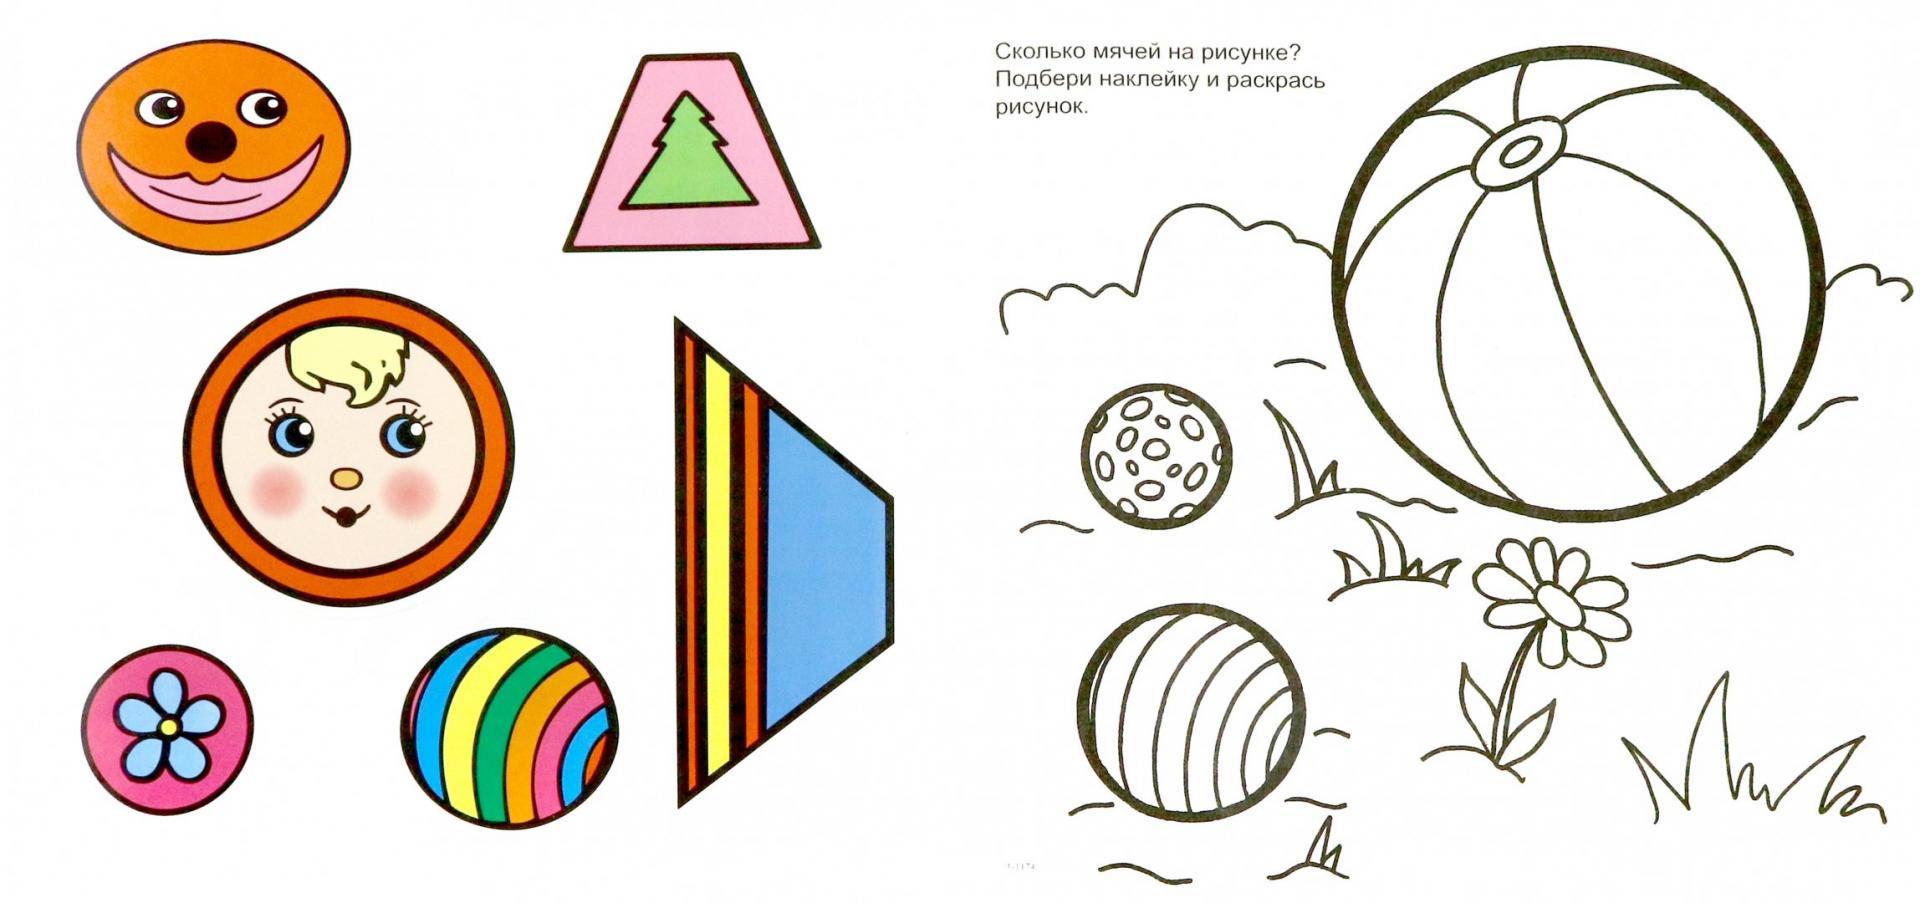 Иллюстрация 1 из 8 для Фигурки в игрушках | Лабиринт - книги. Источник: Лабиринт